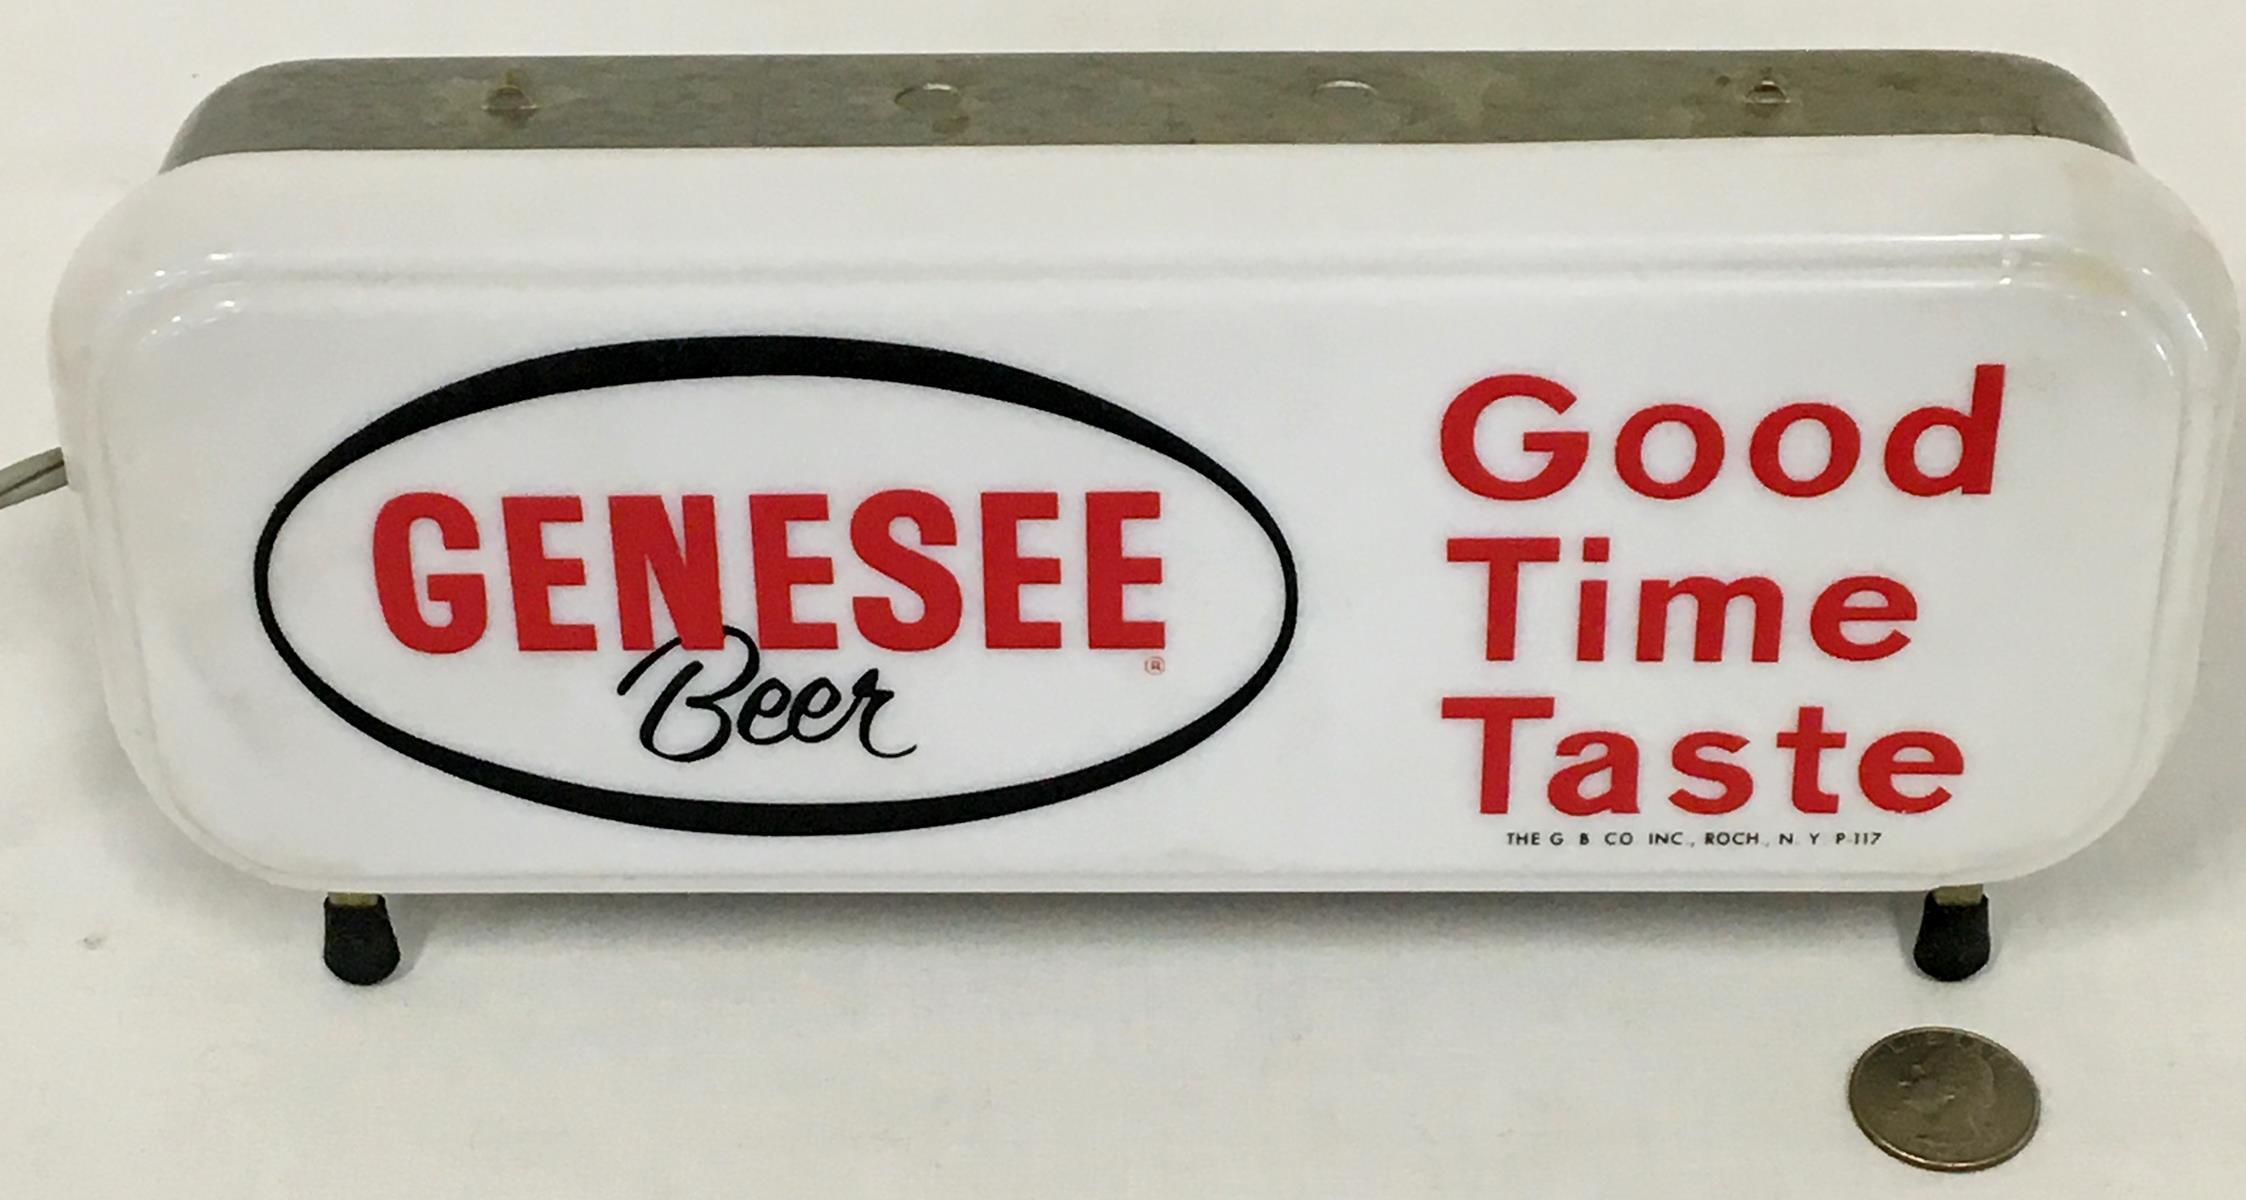 """Vintage 1950's Genesee Beer """"Good Time Taste"""" Cash Register Lighted Sign NEW OLD STOCK Works"""